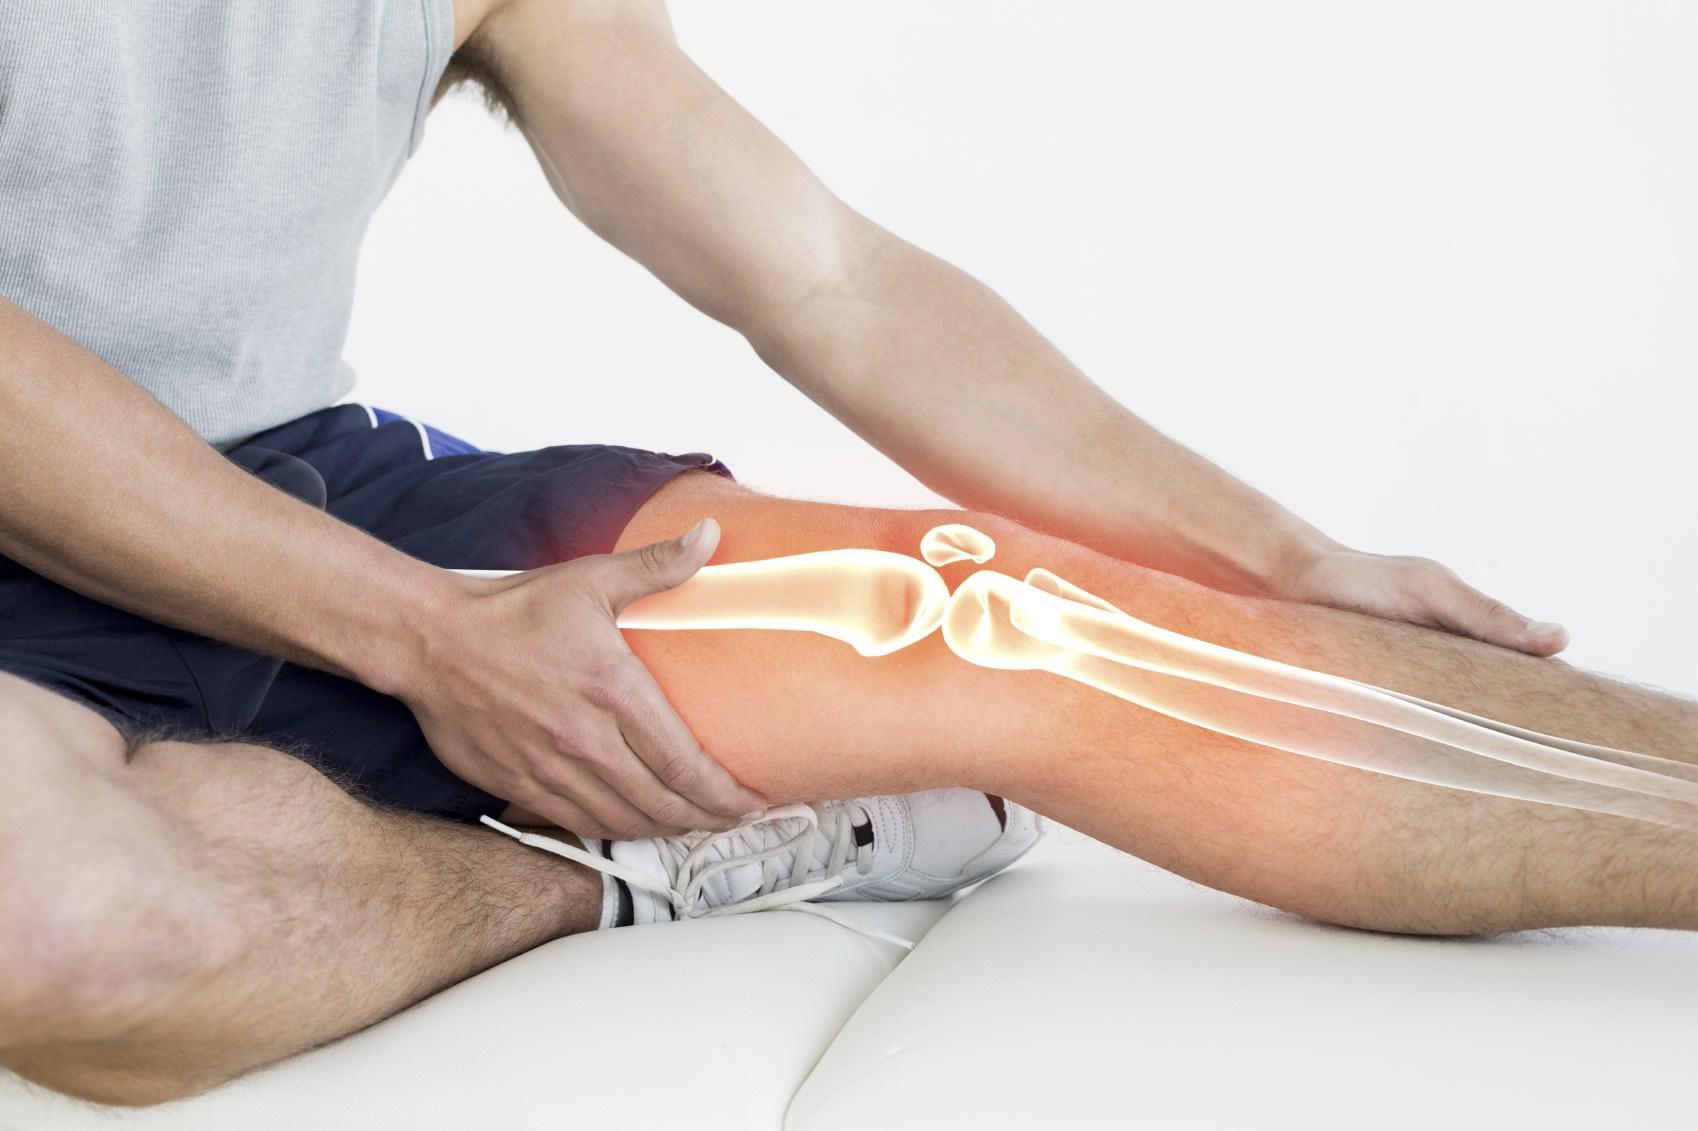 Почему болят колени после бега, а также возникают другие неприятные ощущения: объясняют врачи и эксперты мира спорта